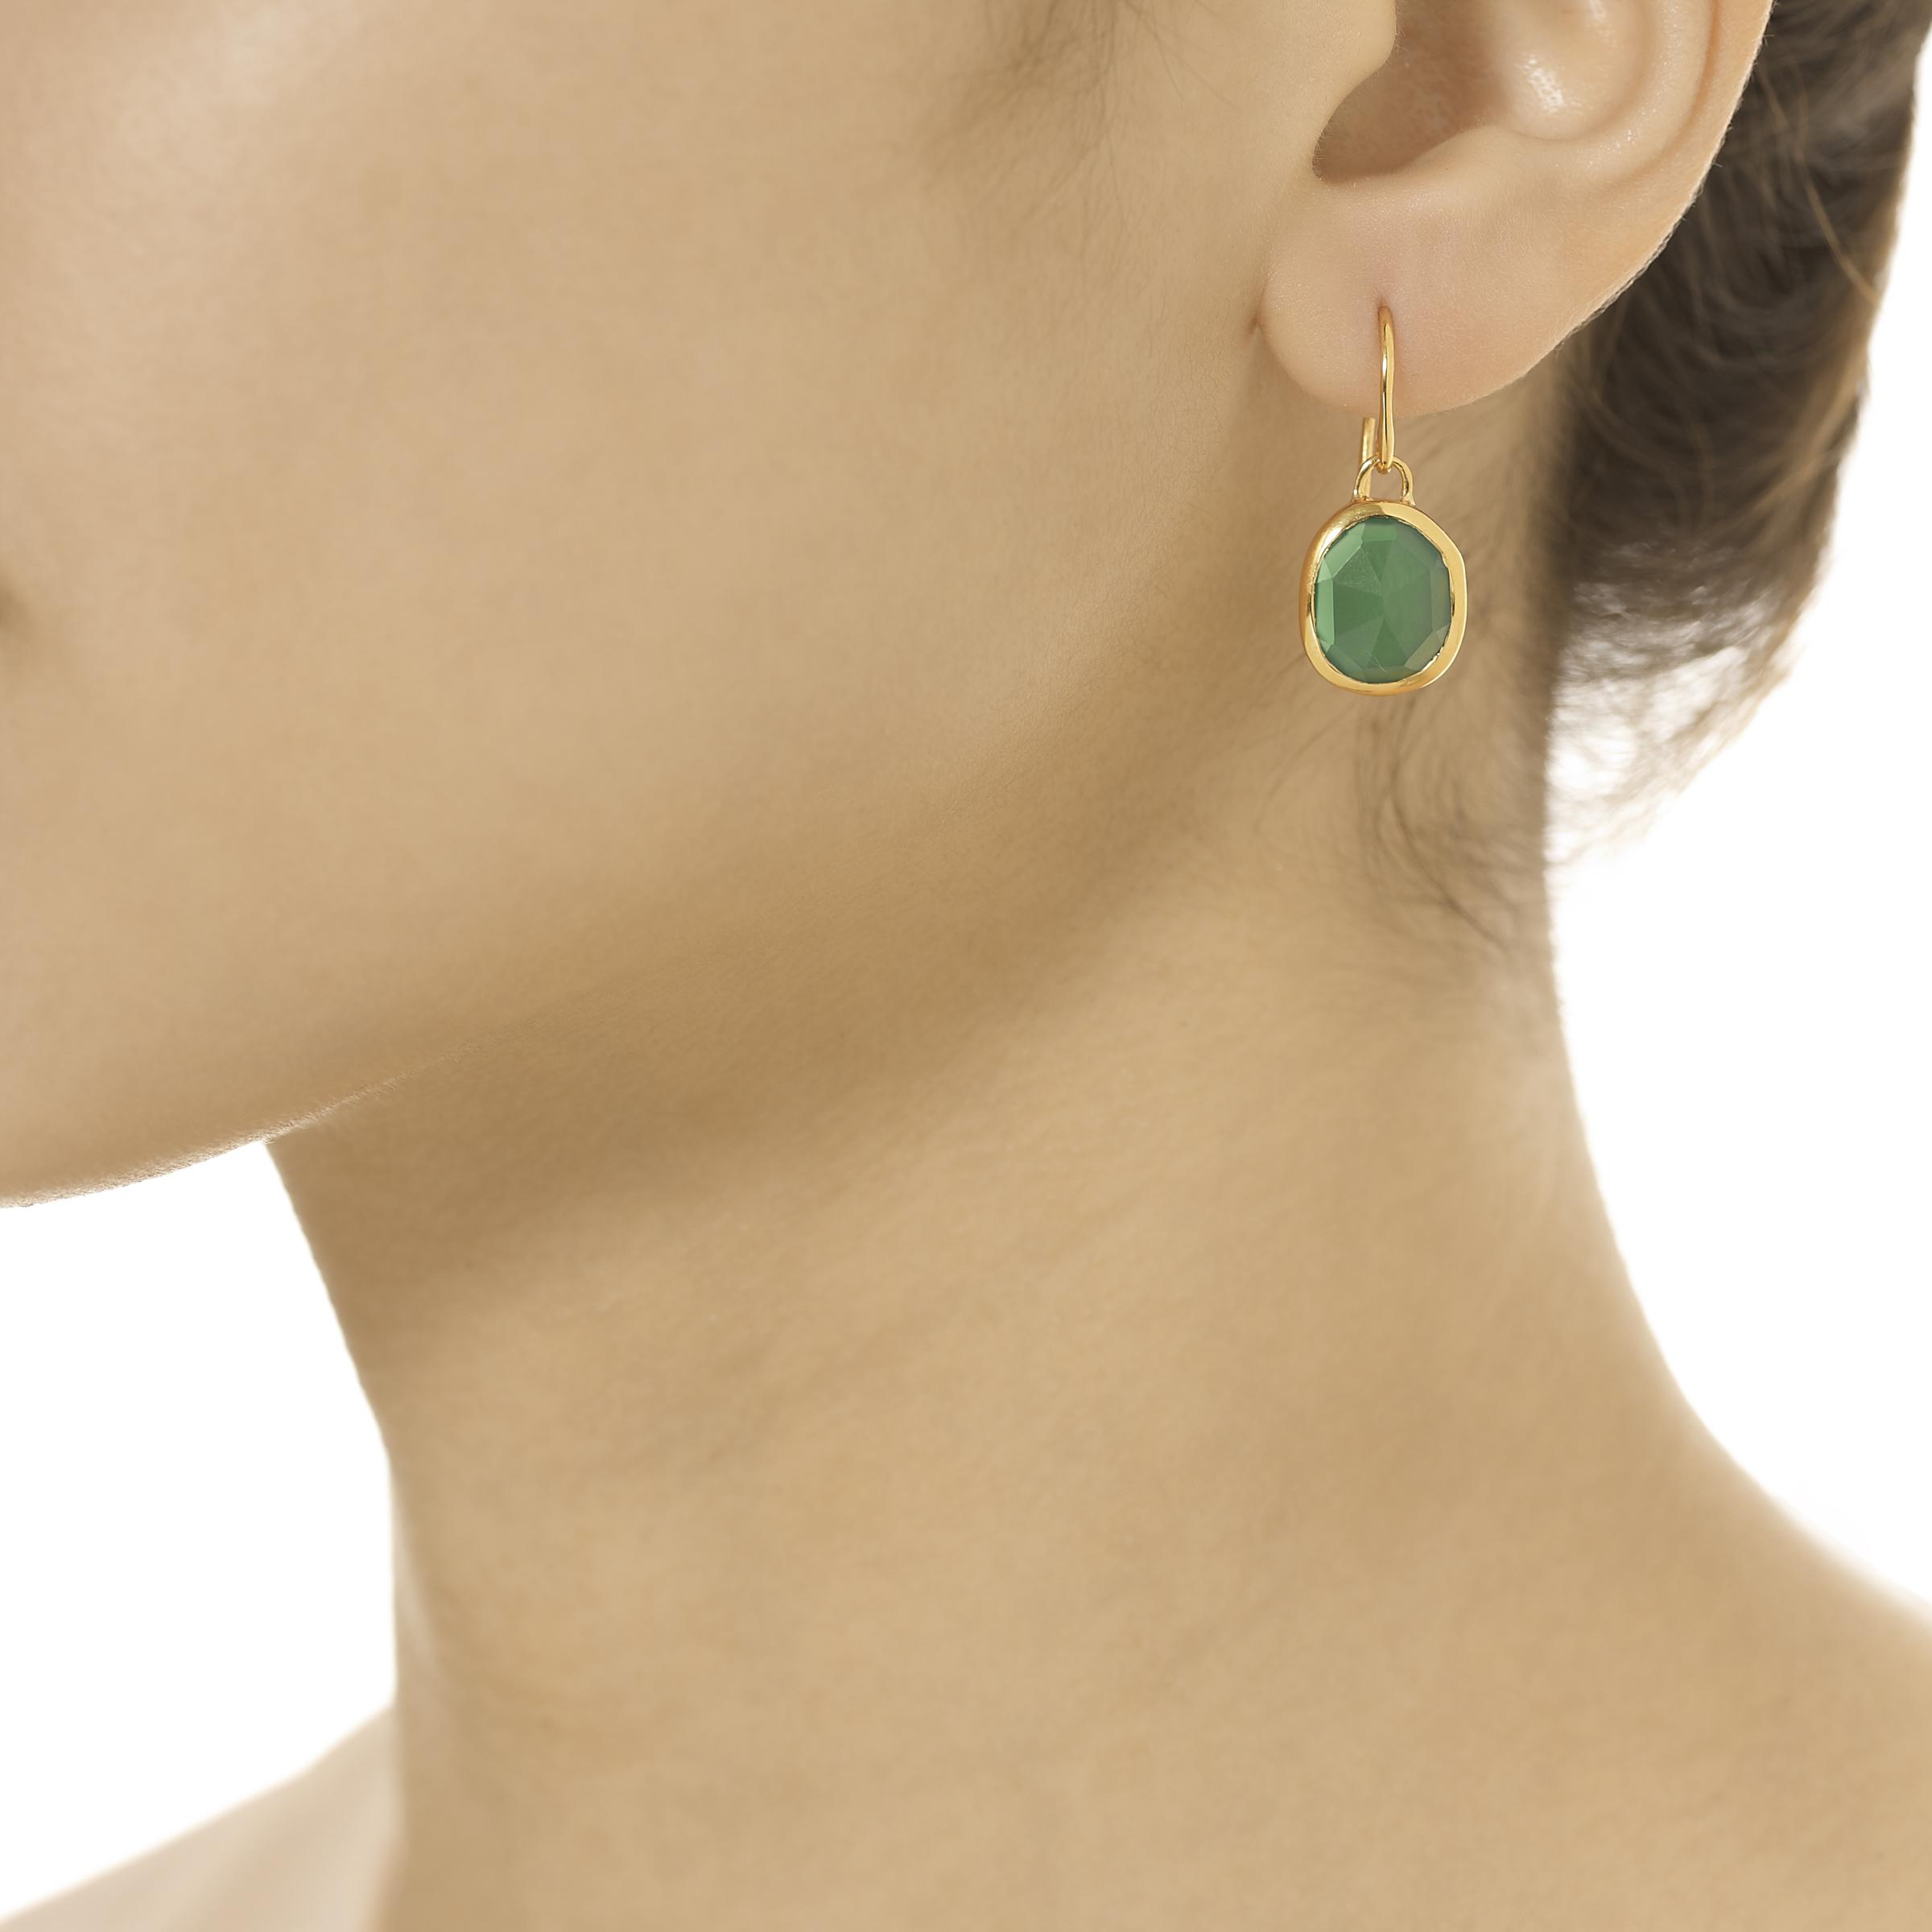 A model wearing the Monica Vinader Siren earrings